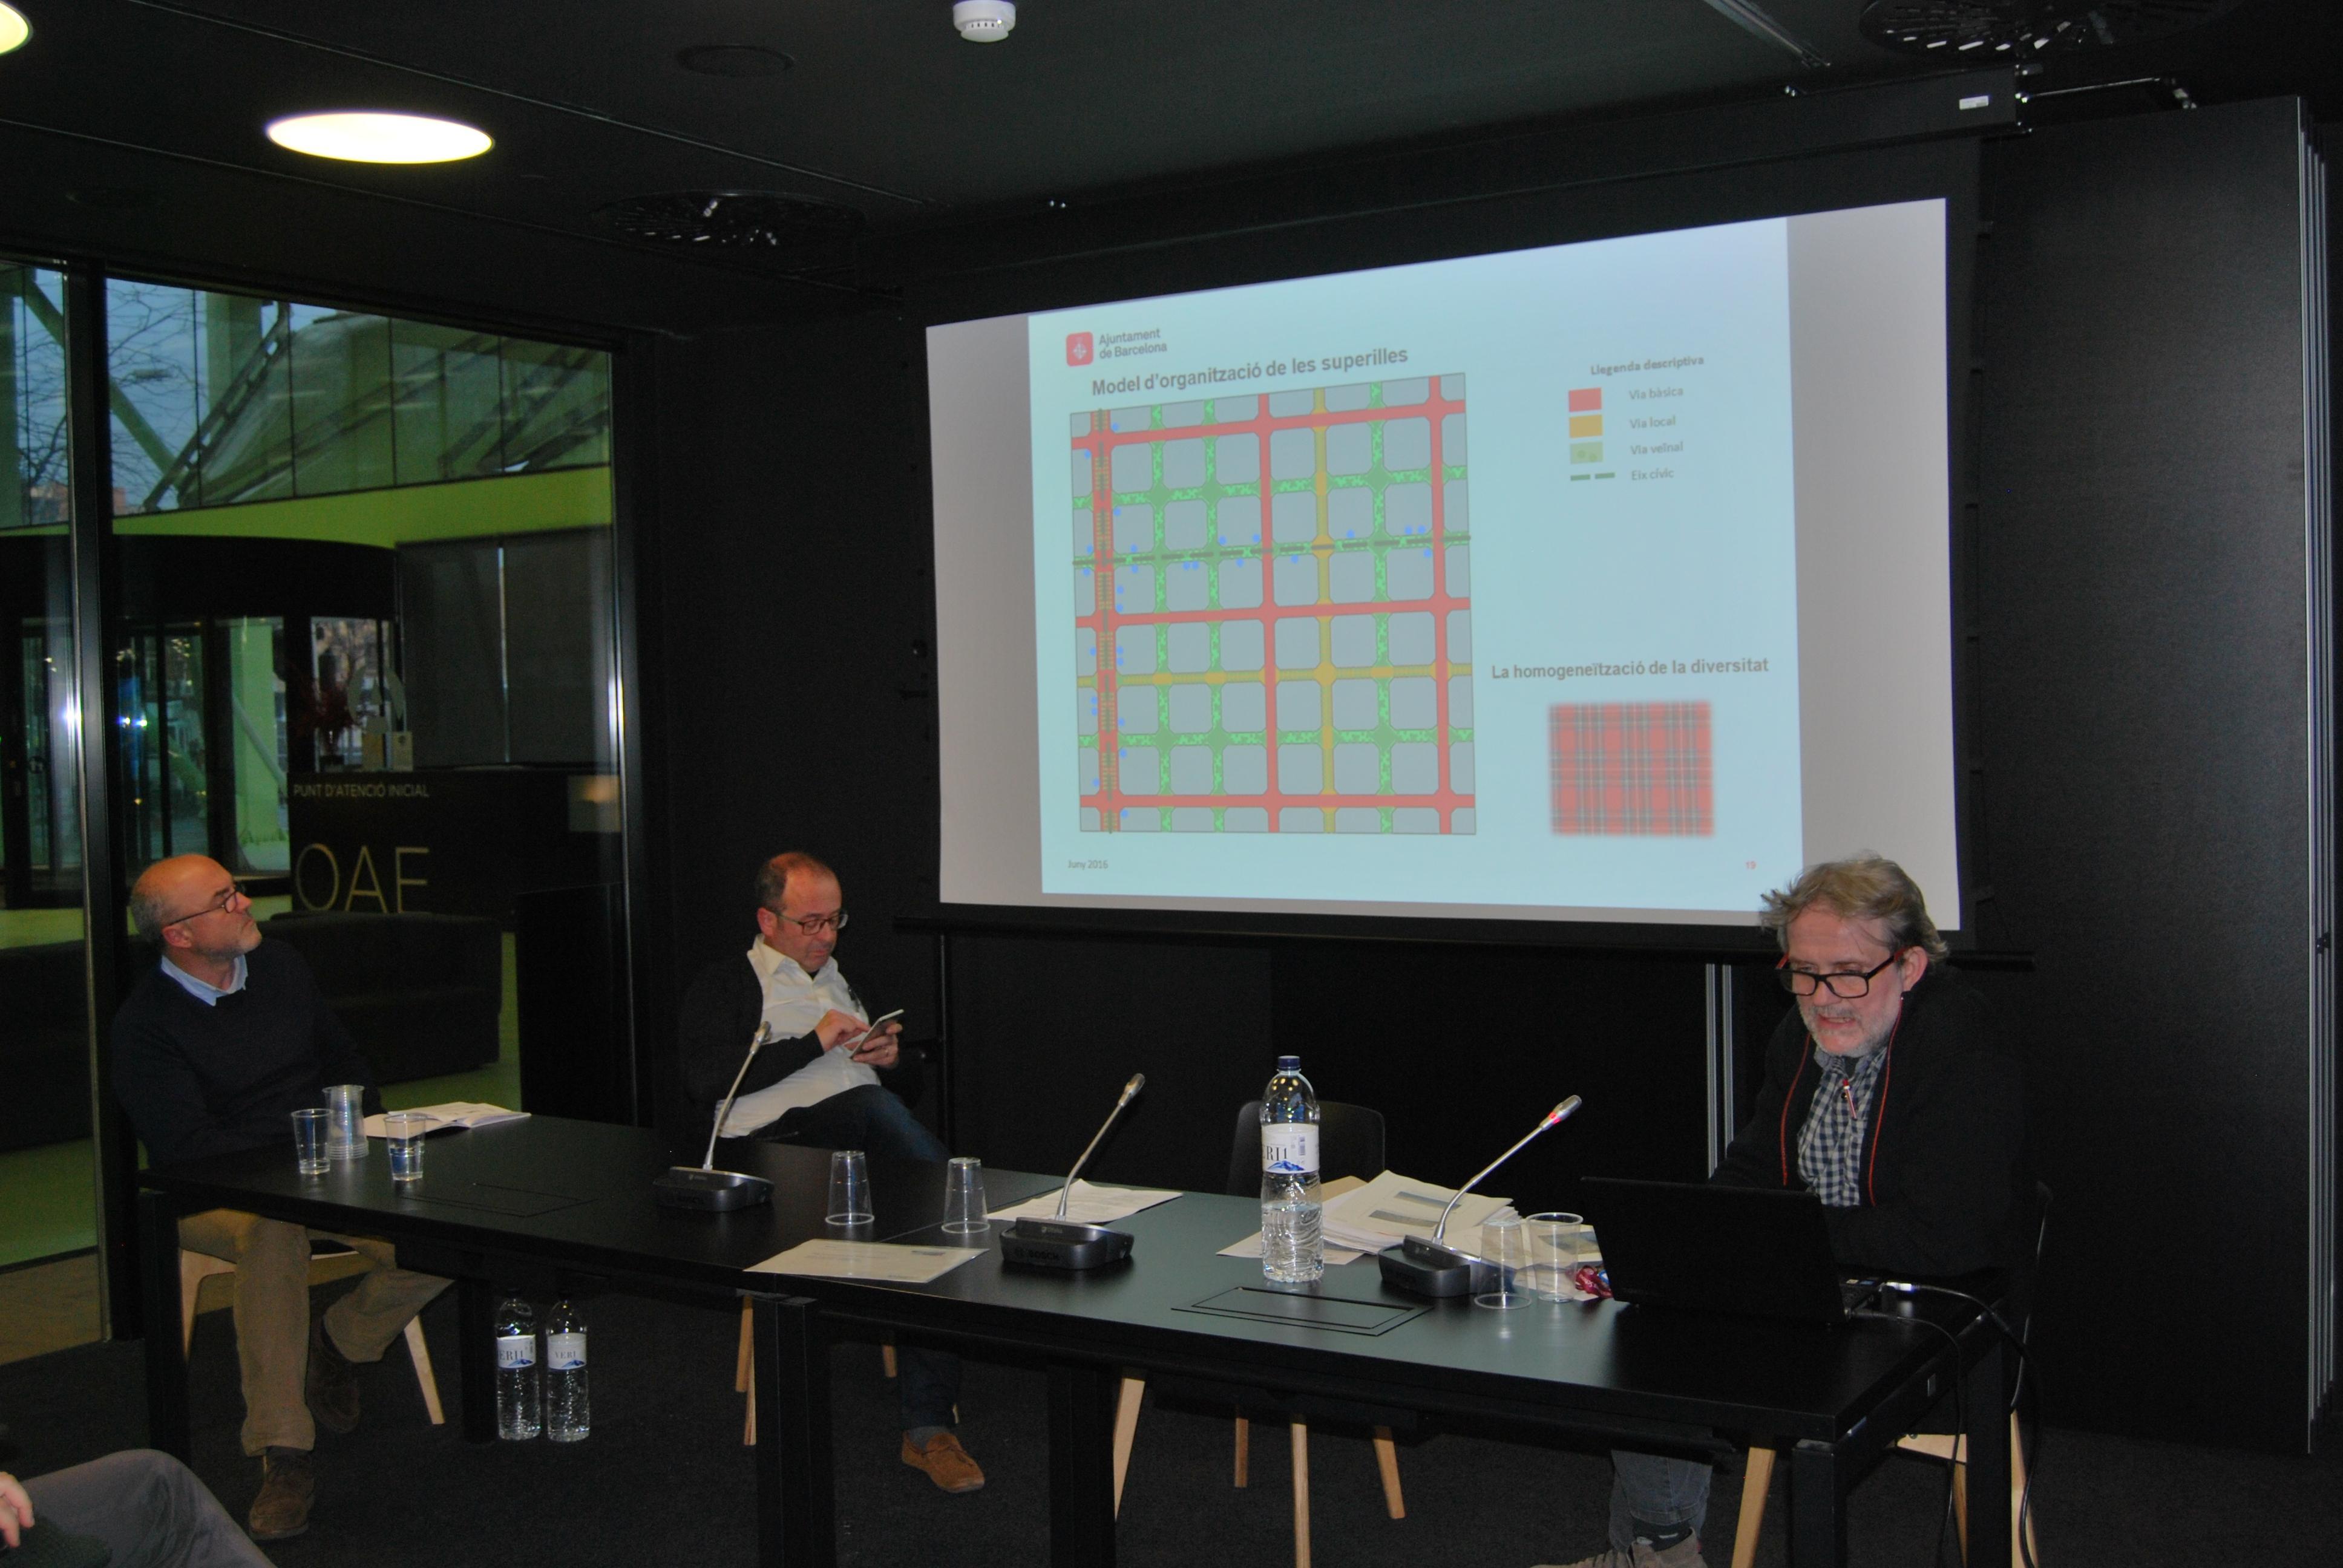 Ton Salvadó, de l'Ajuntament de Barcelona, i Salvador Clarós, president de l'Associació de Veïns del Poblenou, parlen del projecte superilles